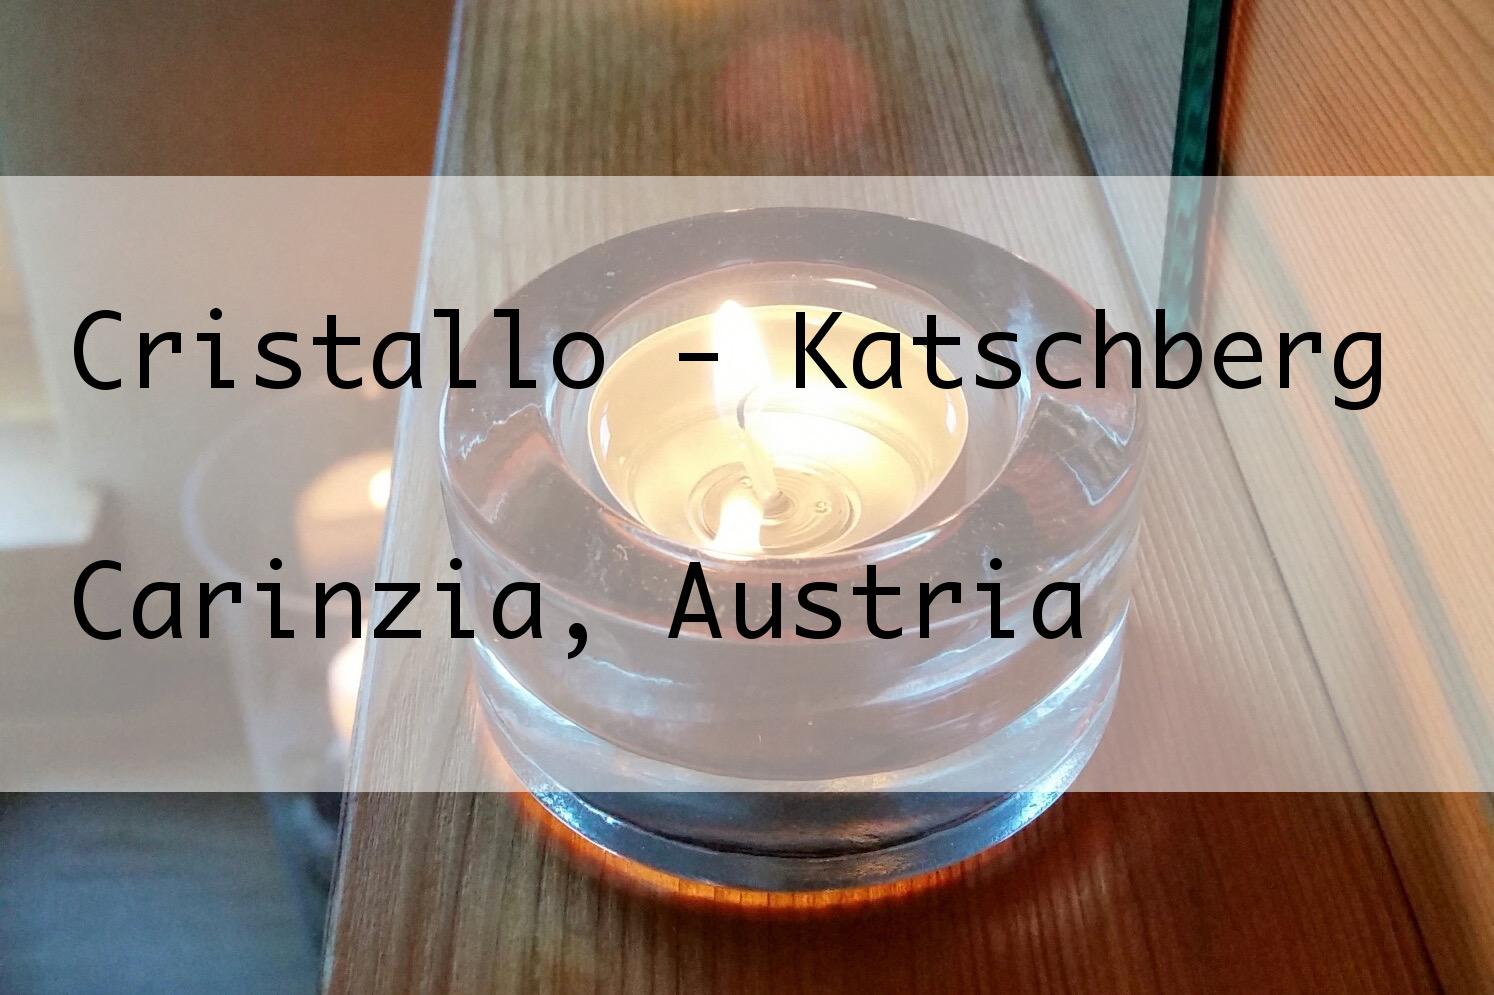 Cristallo Katschberg